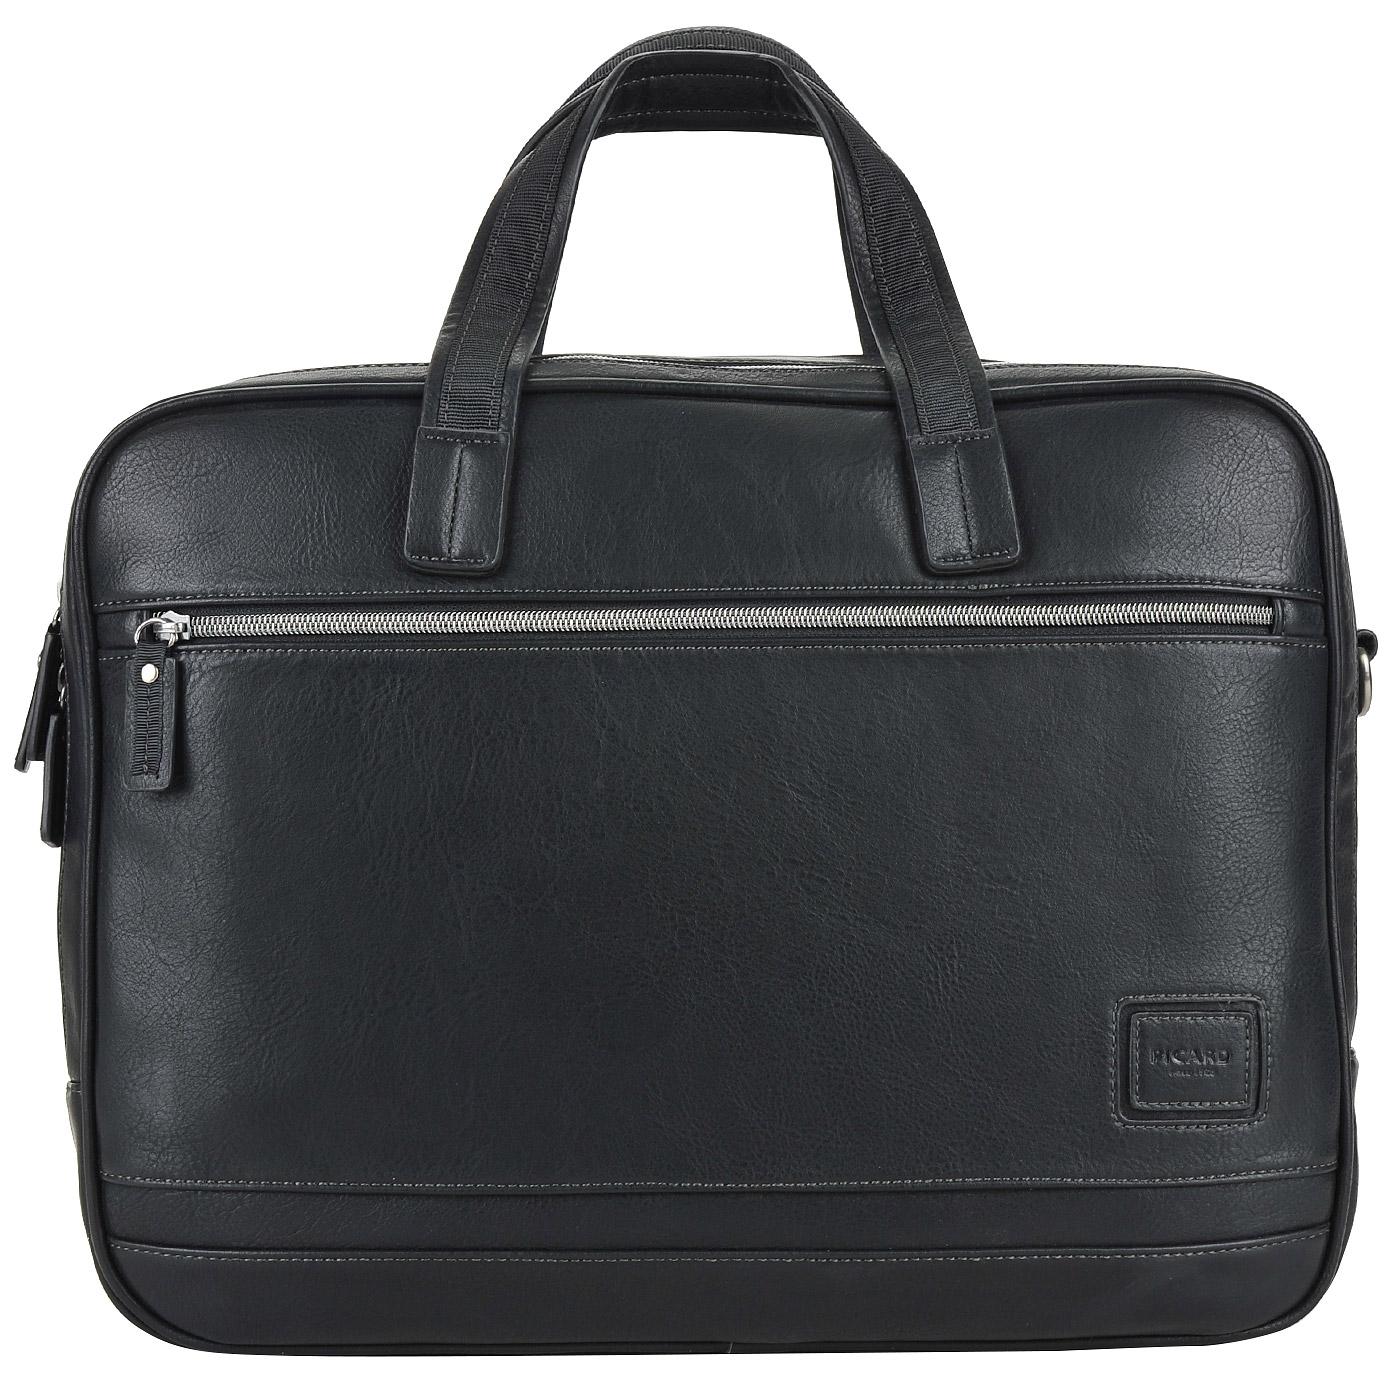 ac651598db97 Вместительная мужская сумка для ноутбука и документов Picard Breakers ...